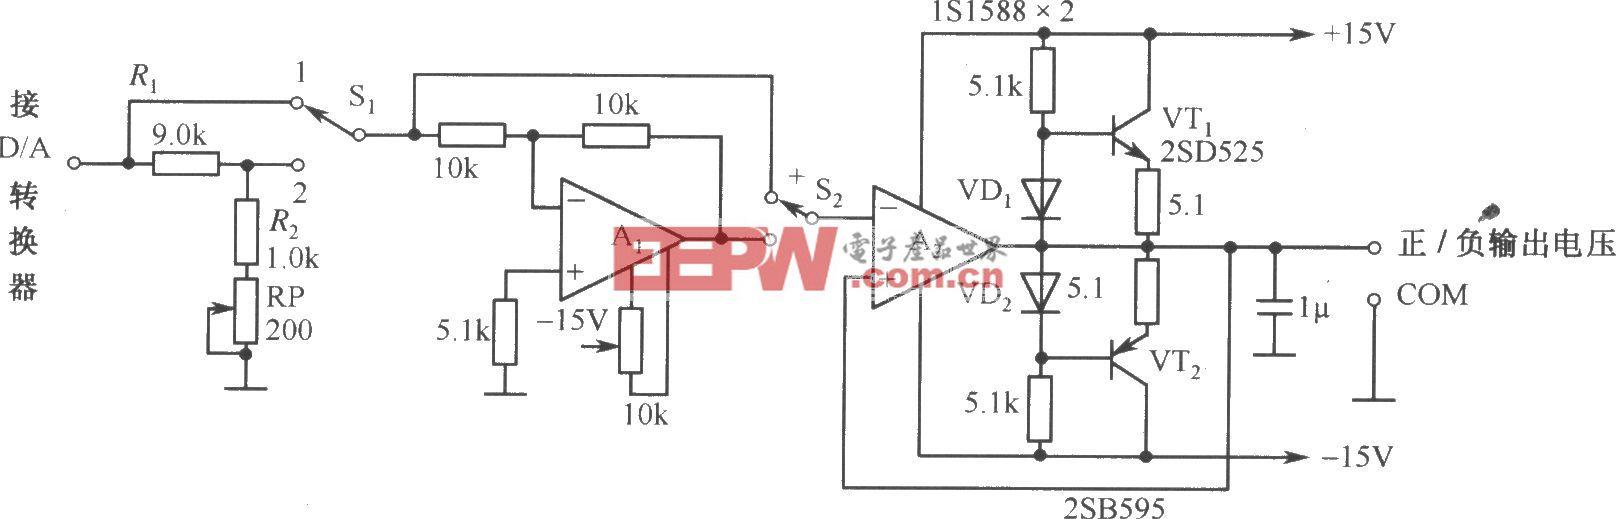 DAC-80-CCD-V构成的自动可逆控制的电源电路